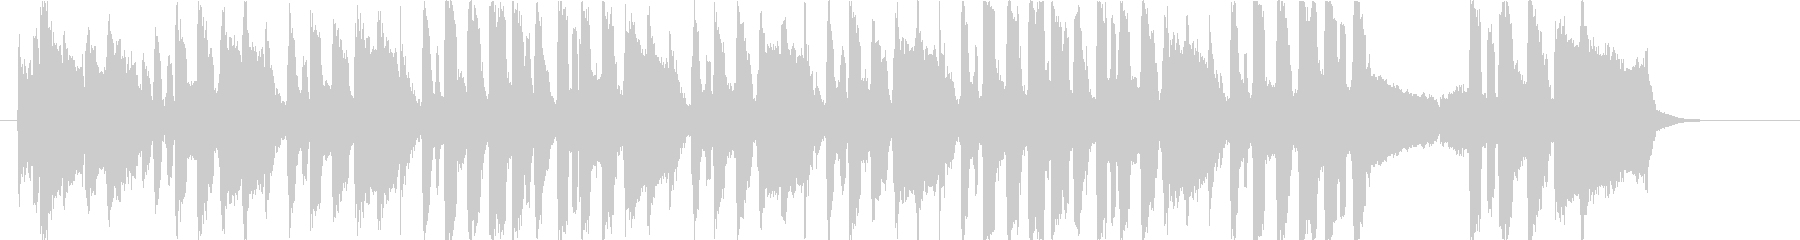 誕生日の歌(ワルツver) 【ハナ】の未再生の波形